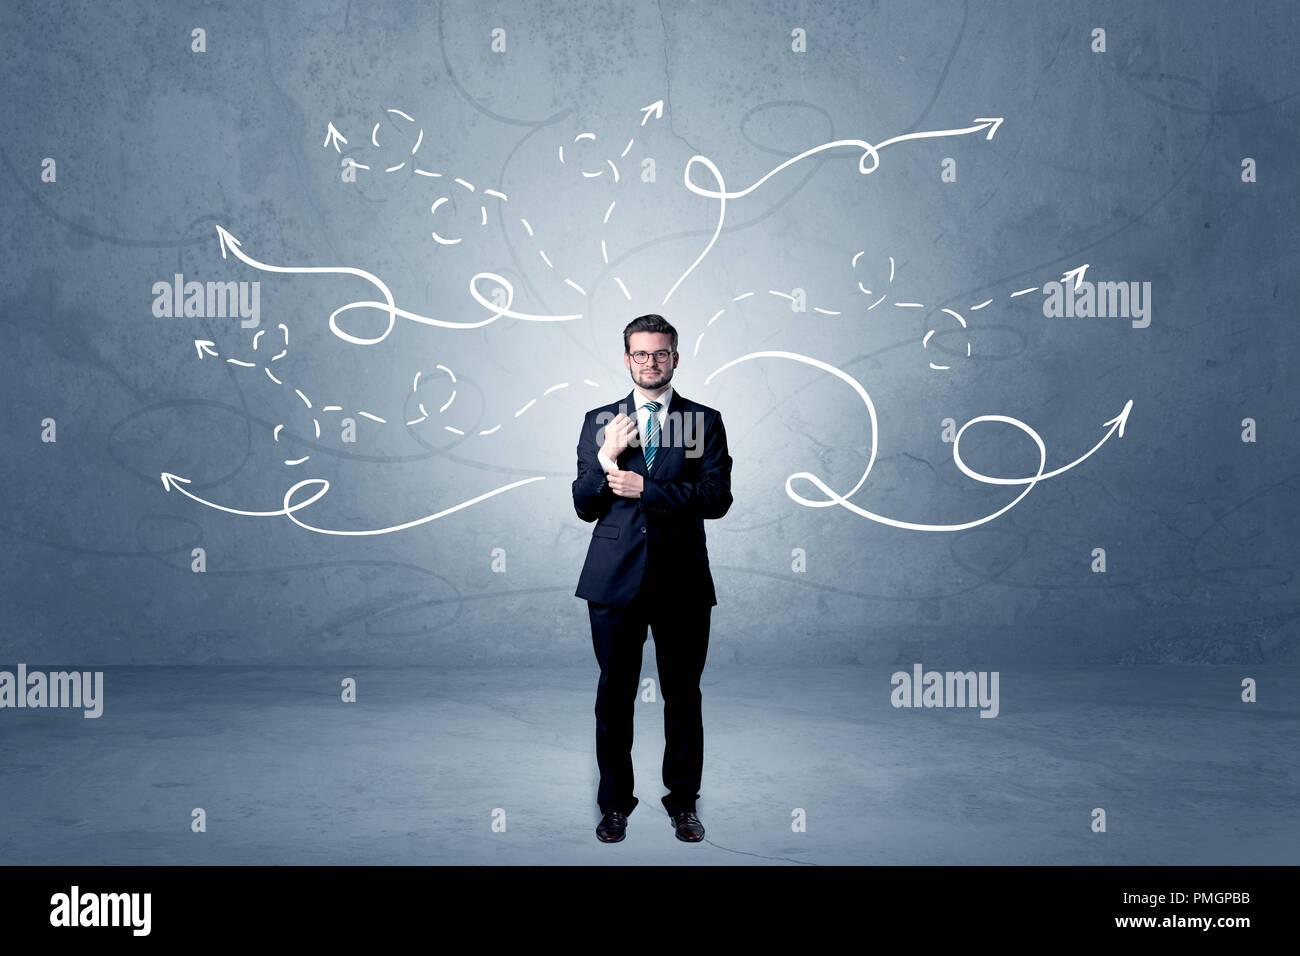 Elegant businessman choisir entre directions avec des flèches tirées d'enroulement autour de Photo Stock